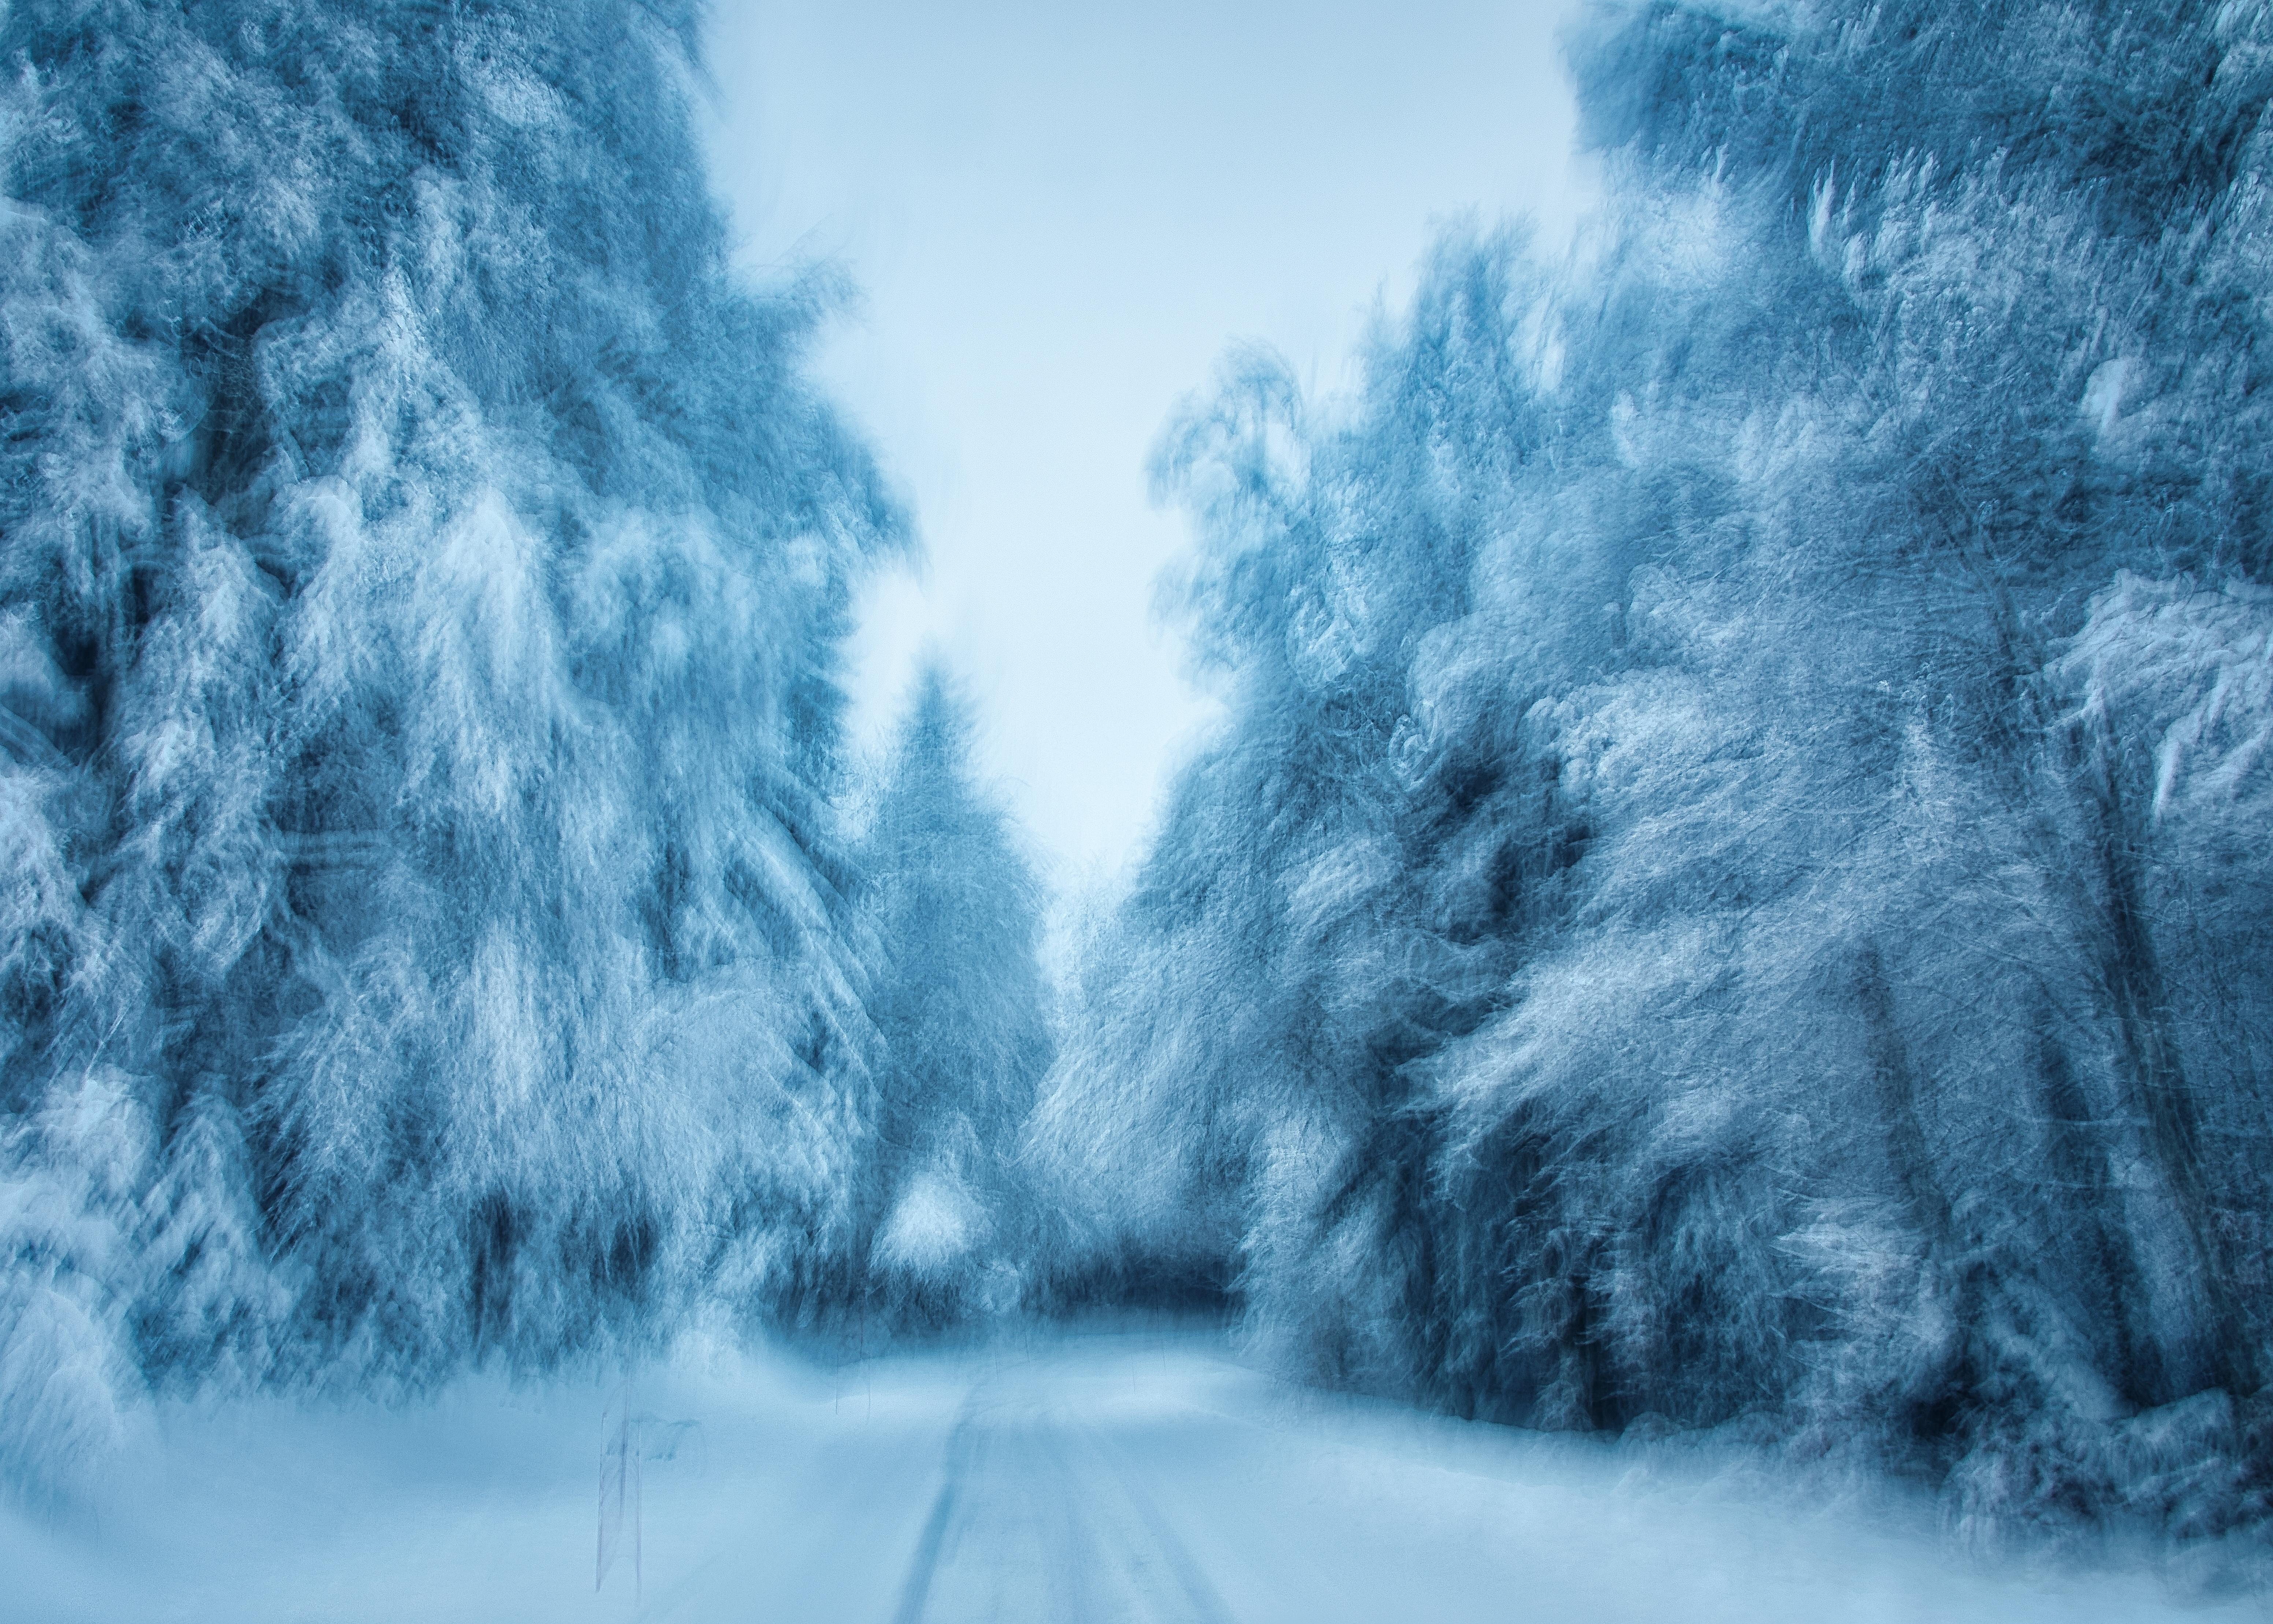 Arbre sous la neige en ICM pour bien commencer l'année nouvelle 2021 #ICM #neige #2021 #hope